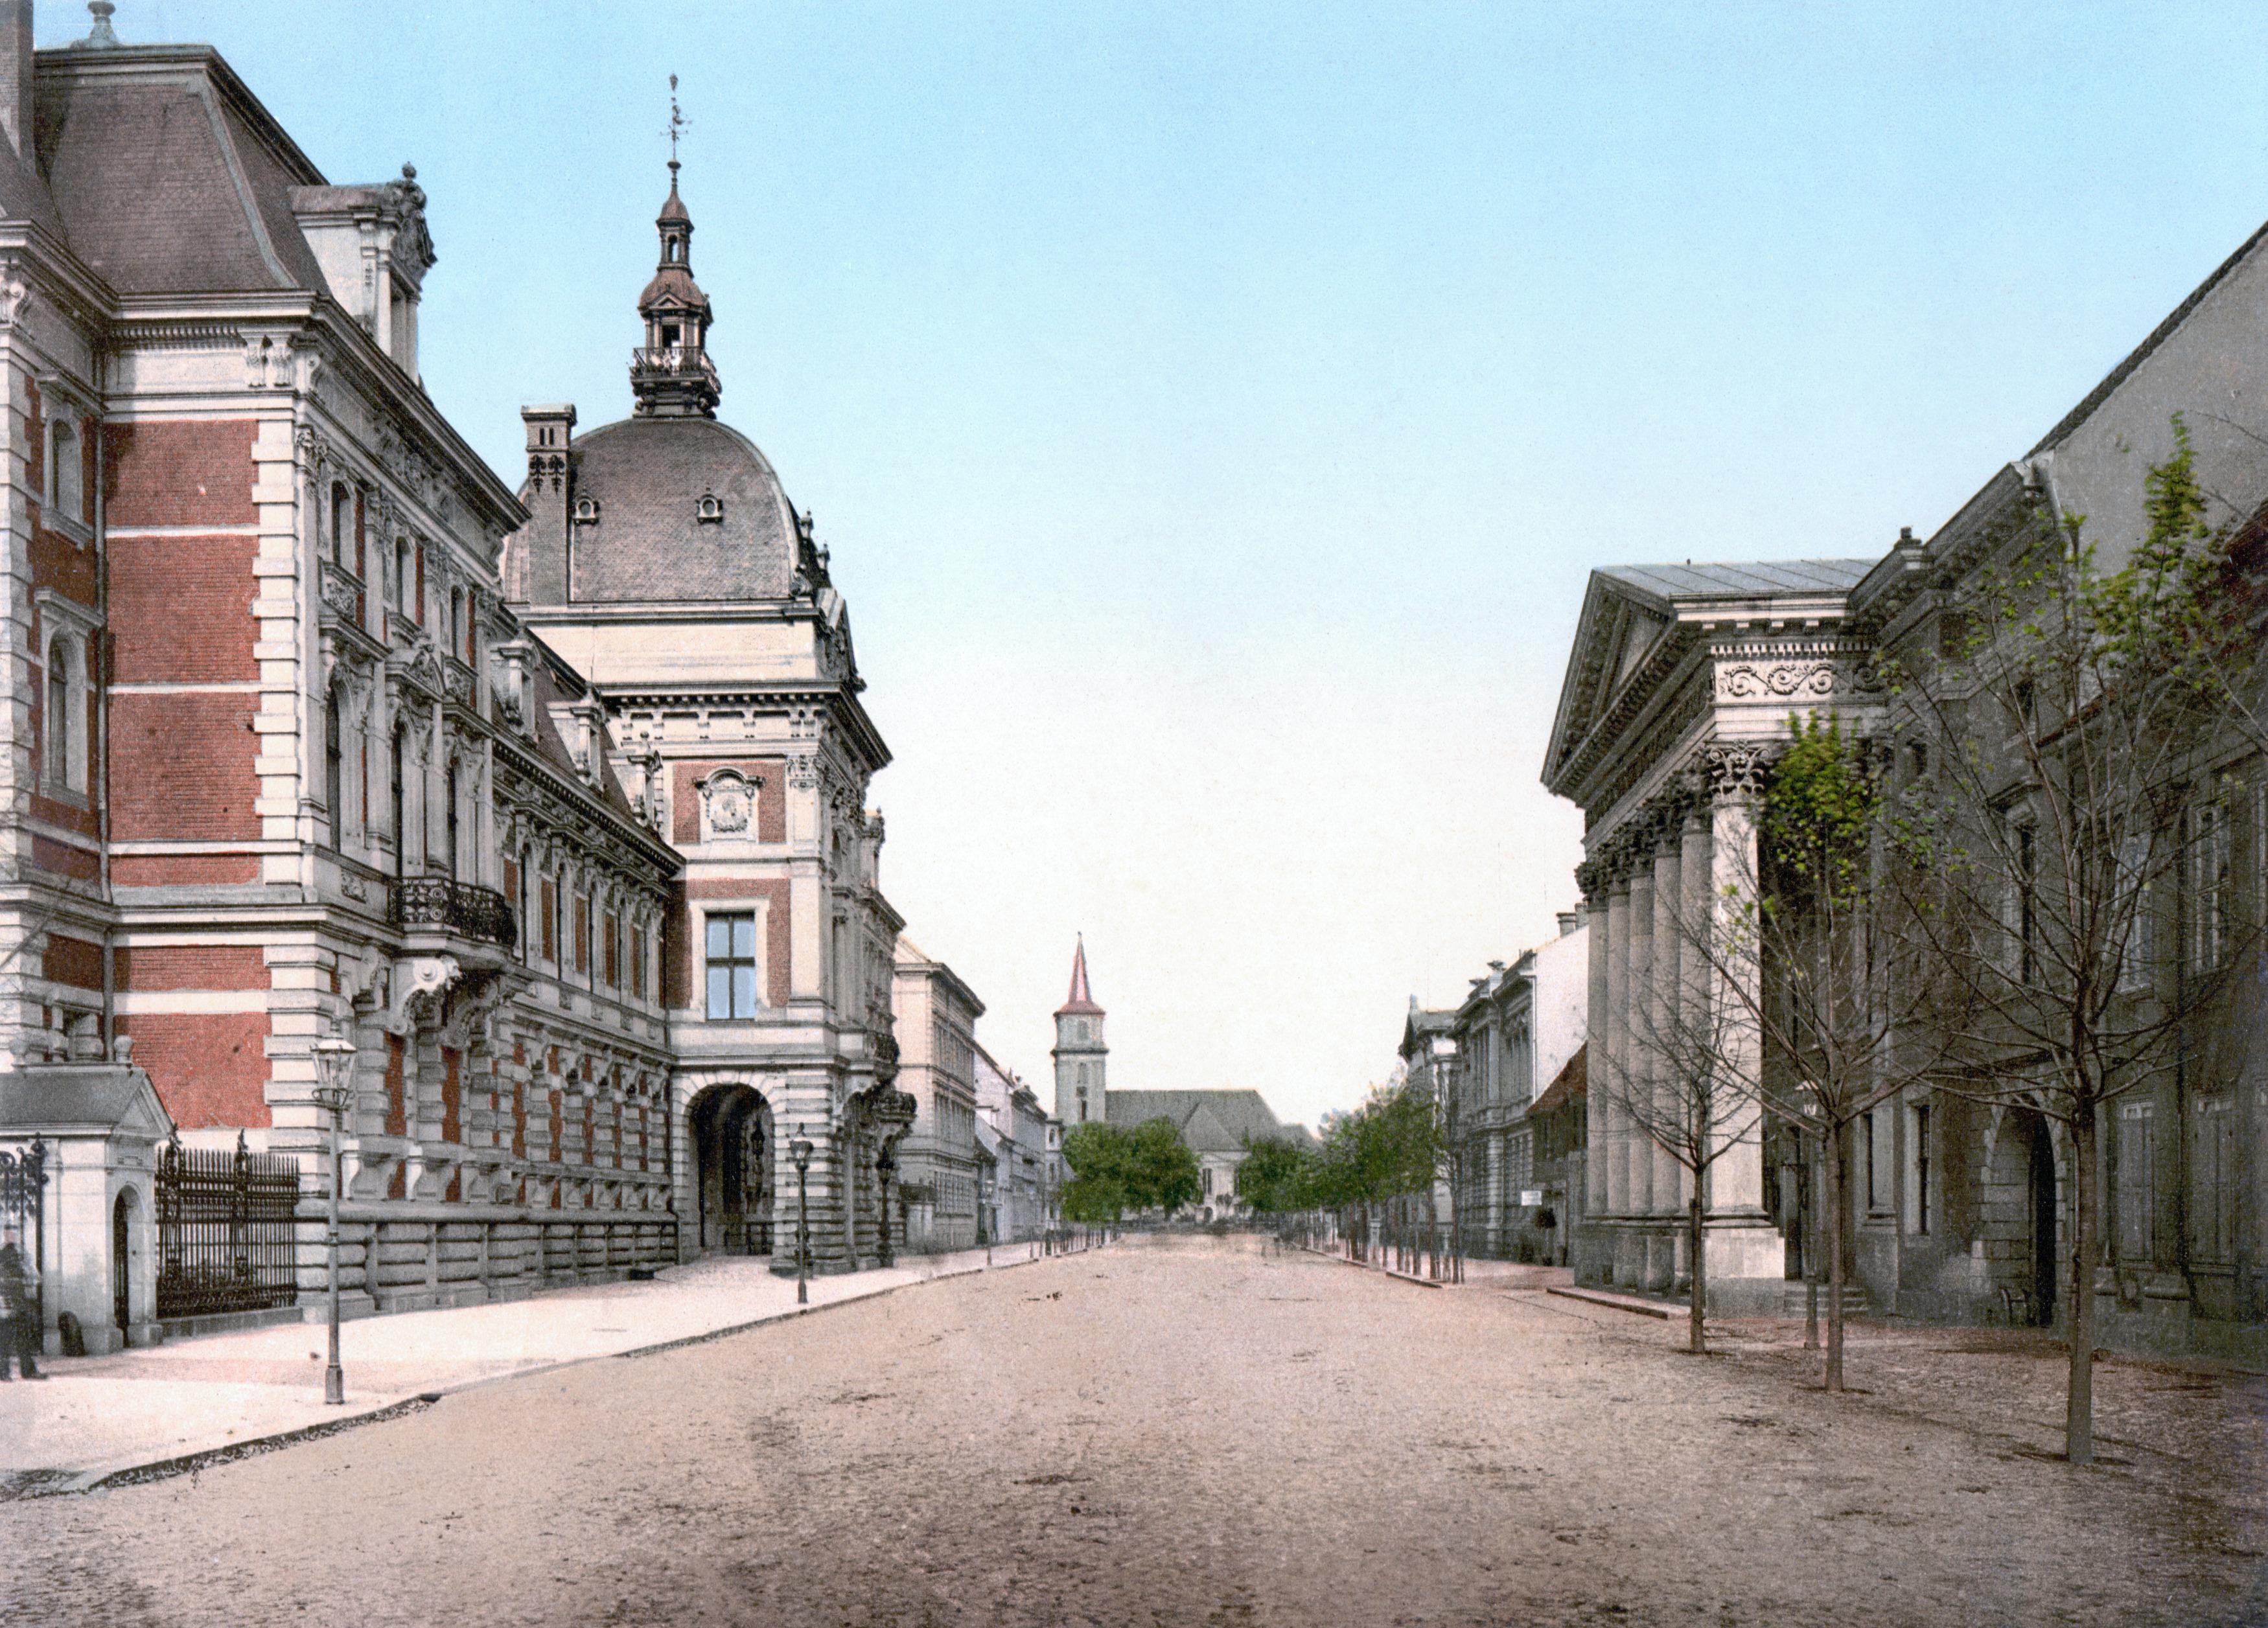 Cavalierstrasse in 1900 with the [[Erbprinzliches Palais Dessau